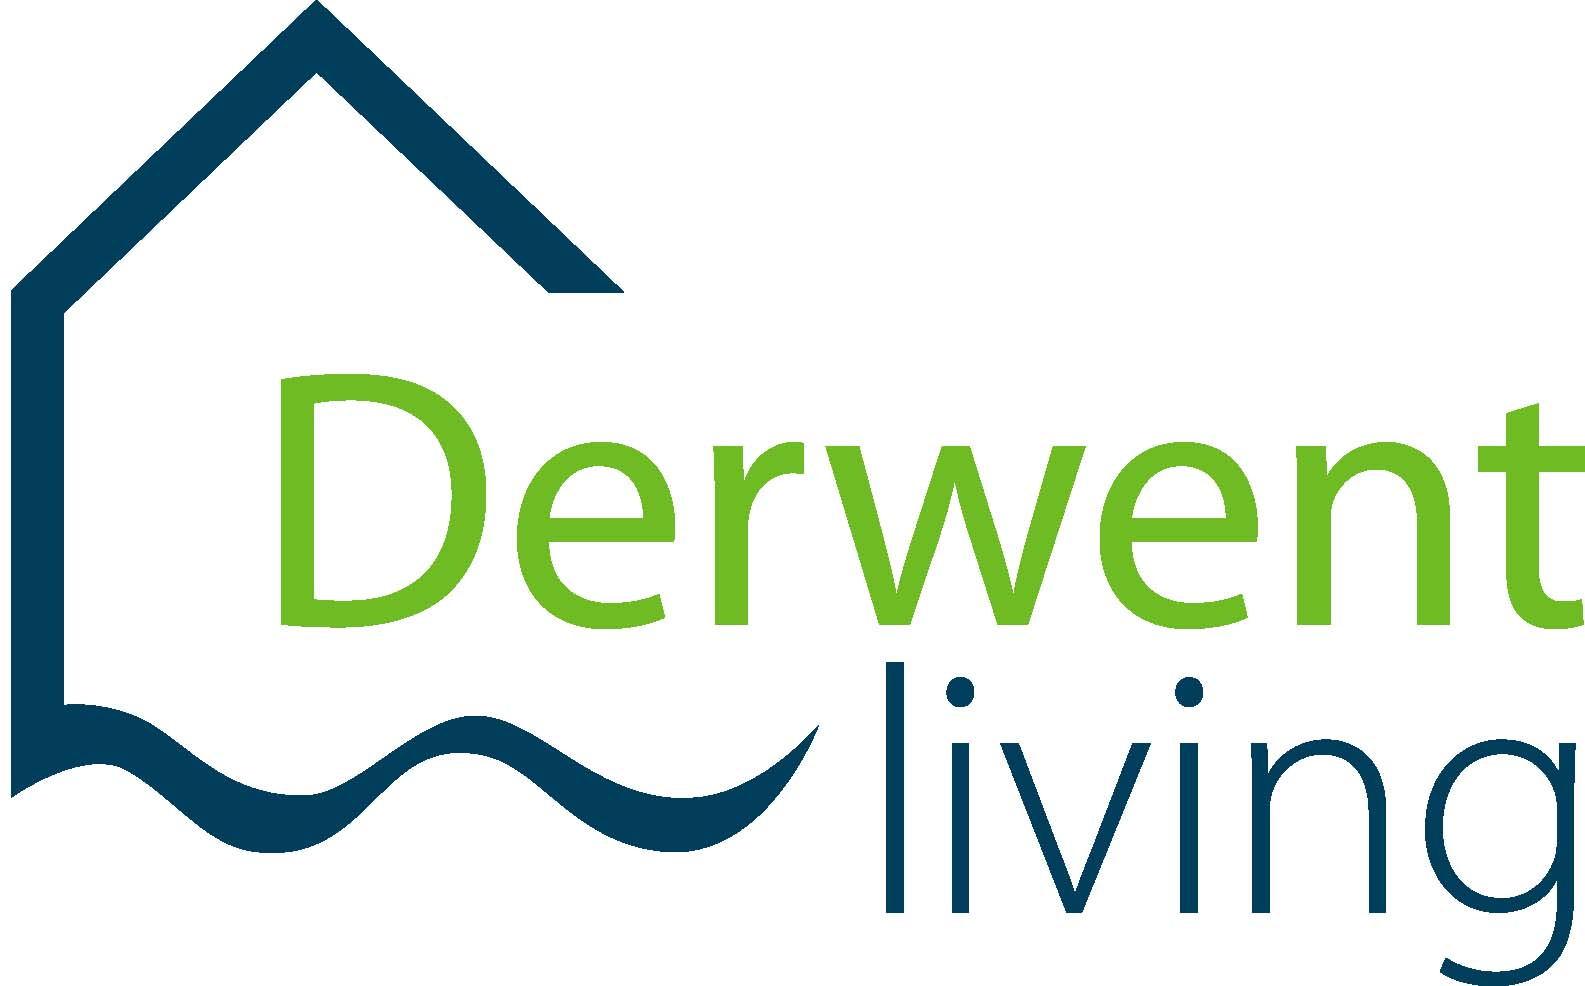 Derwent Living